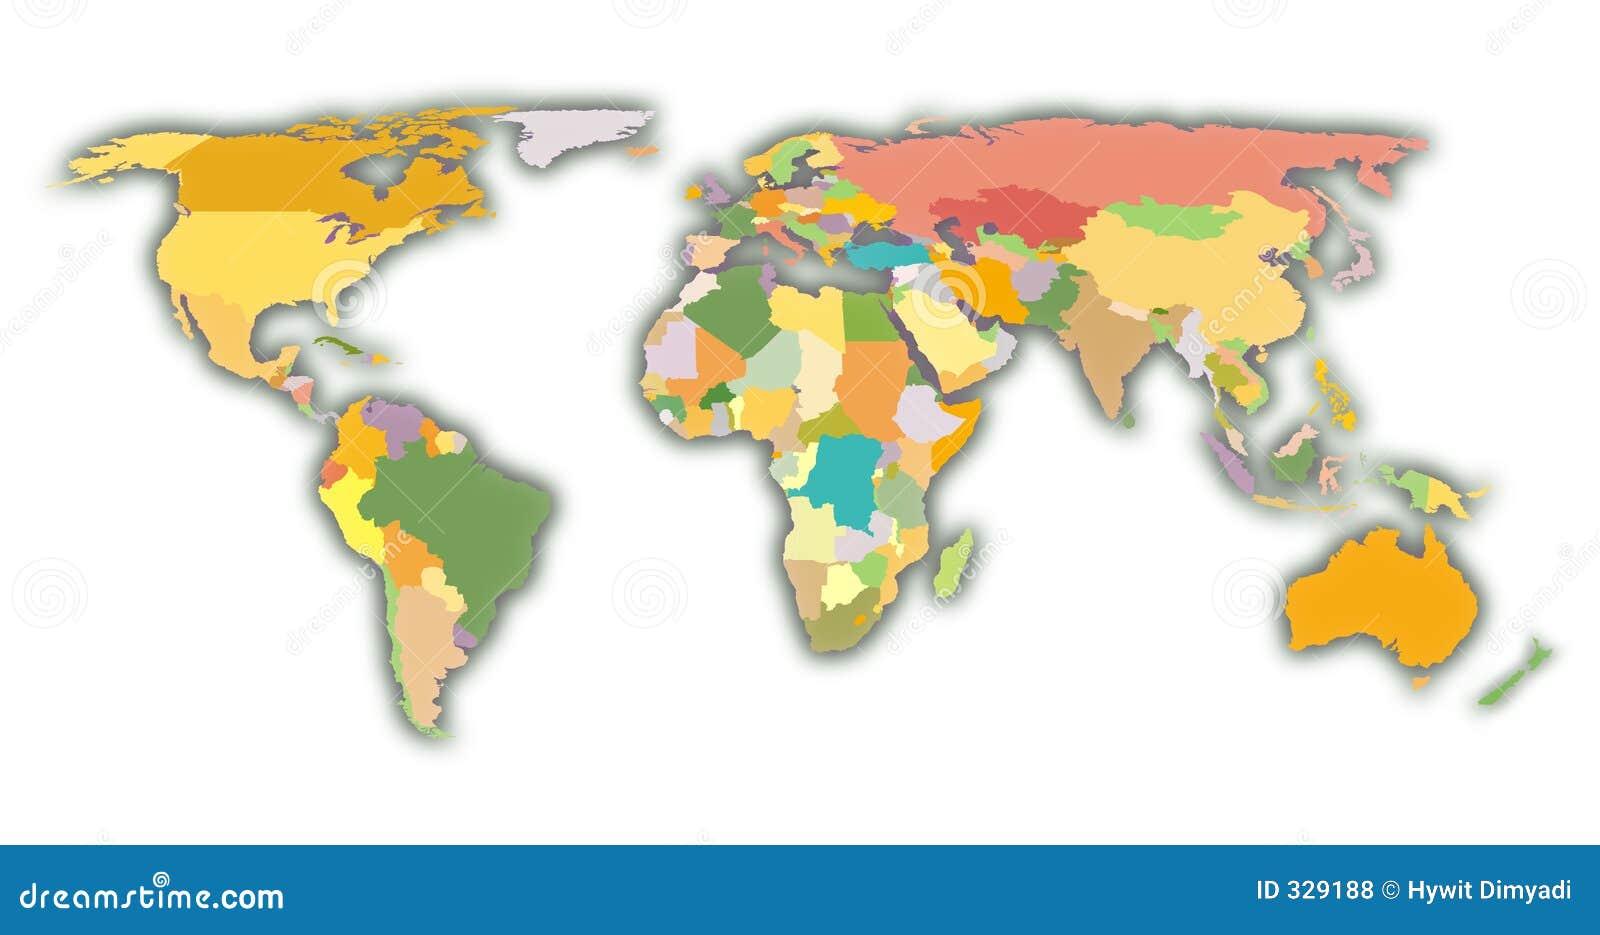 De kaart van de wereld stock illustratie afbeelding bestaande uit illustraties 329188 - De thuisbasis van de wereld chesterfield ...